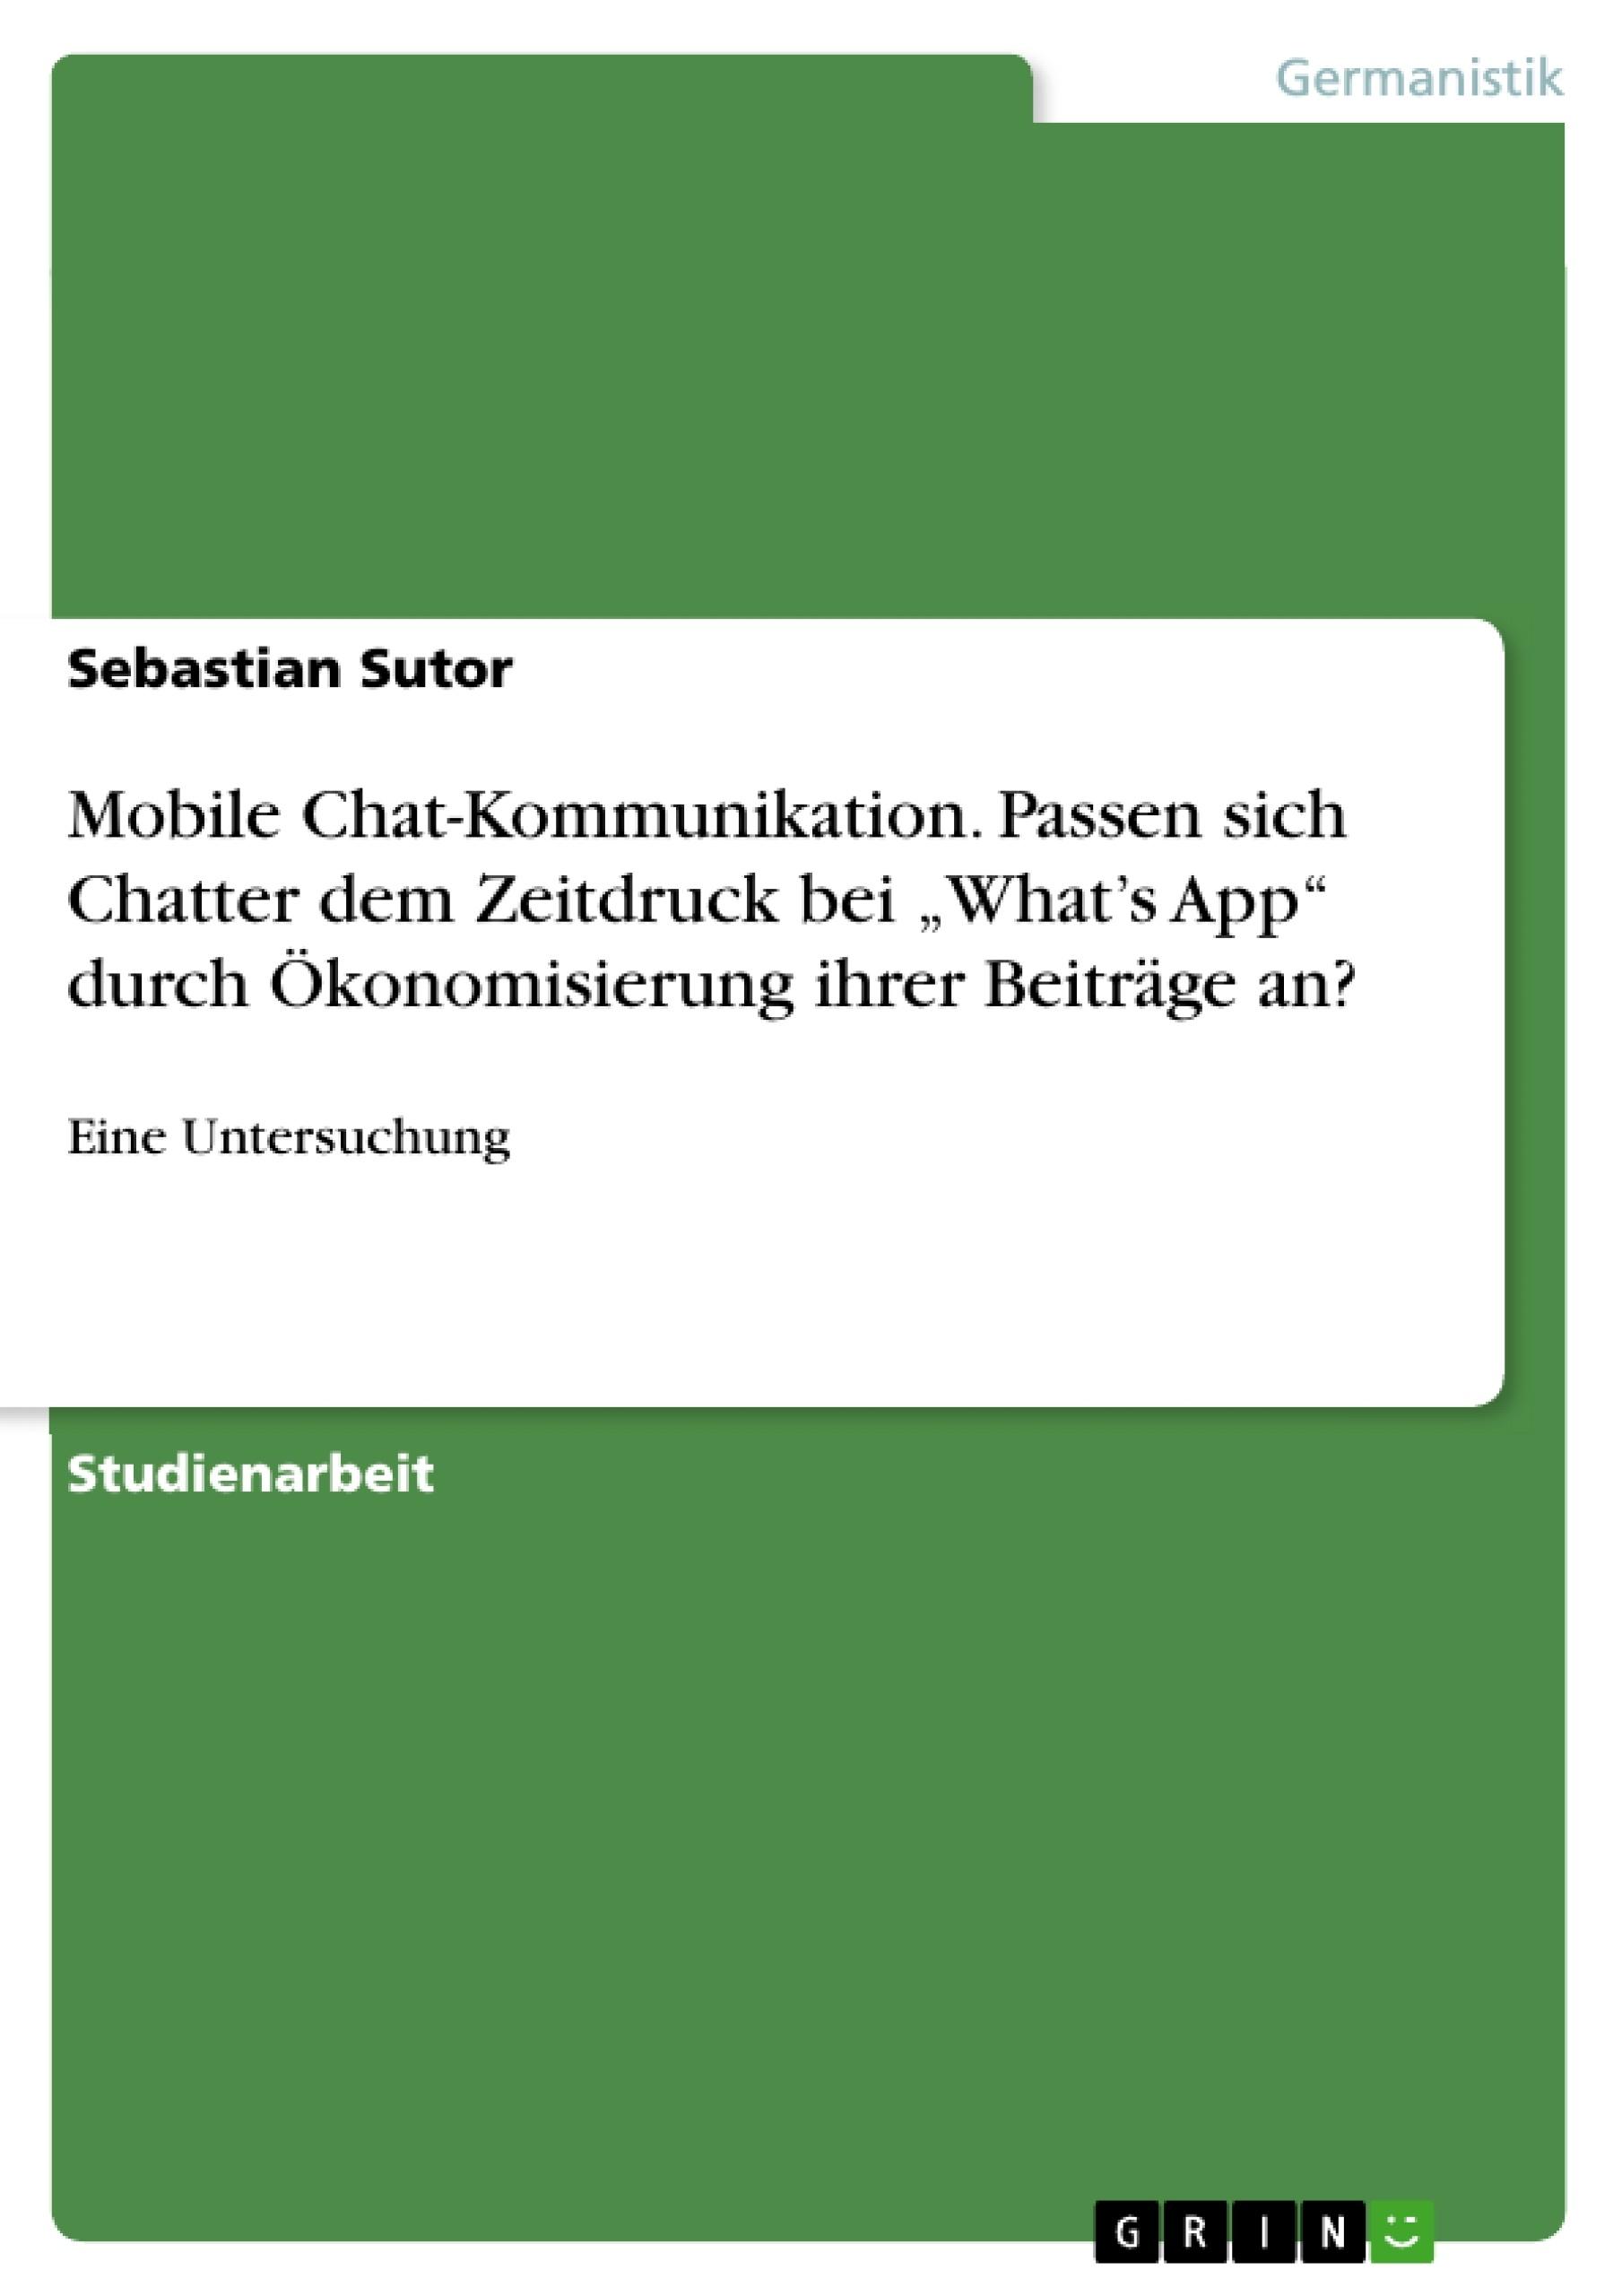 """Titel: Mobile Chat-Kommunikation. Passen sich Chatter dem Zeitdruck bei """"What's App"""" durch Ökonomisierung ihrer Beiträge an?"""